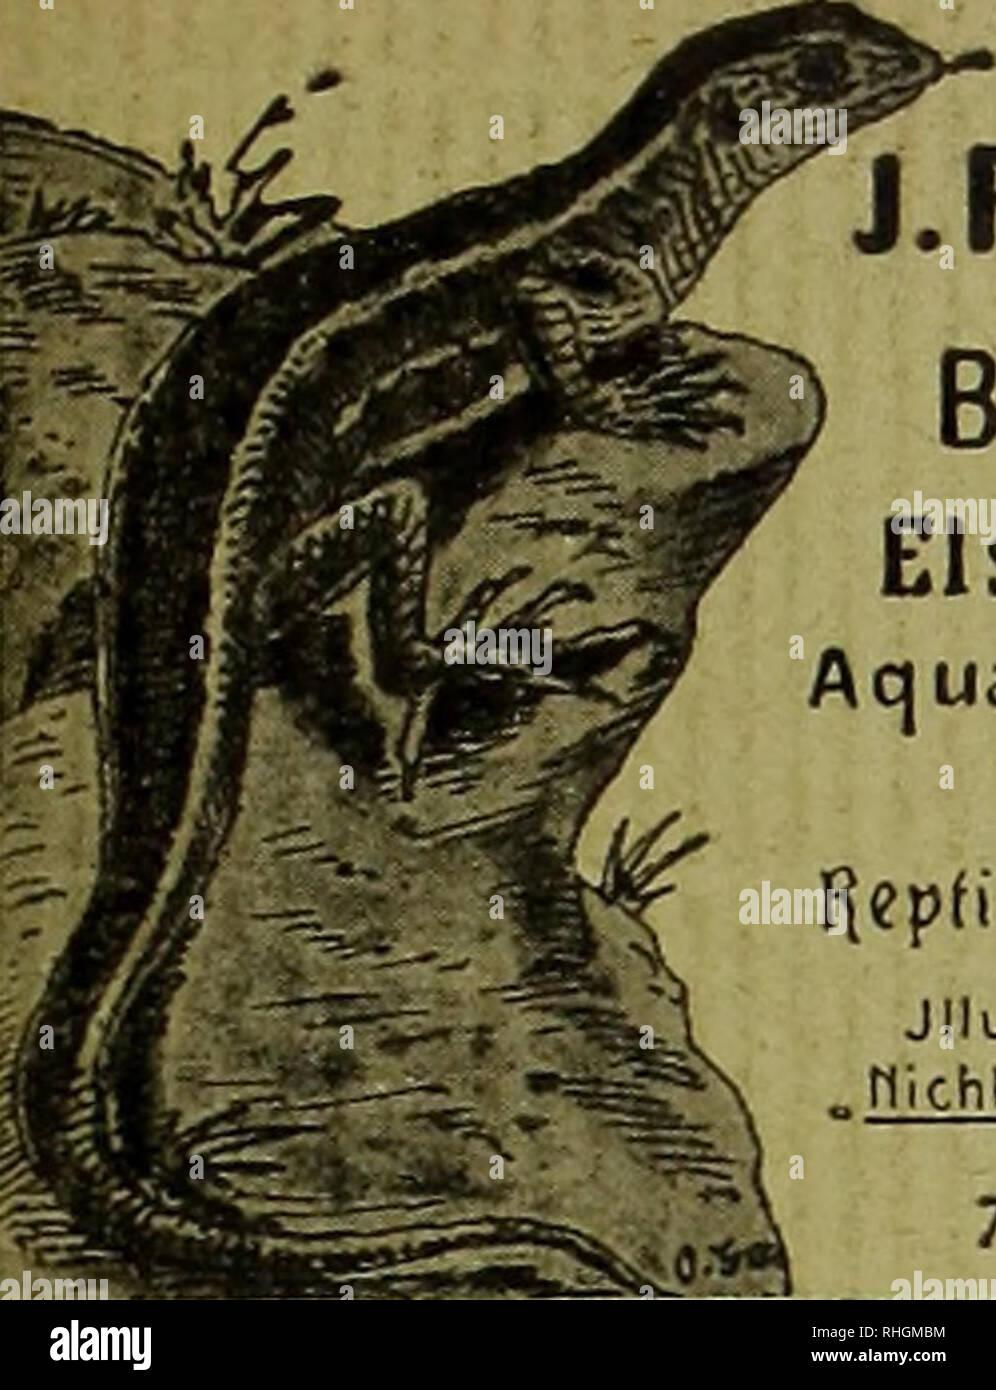 """. Blätter für Aquarien- und Terrarien-Kunde. Anzeigen. J.REICHELT Berlin N., Elsasserstr.12. A q ua ri en Je rra rie n, 'Zierfische, Repfifien.Tlriiphibien. Jllustr PreislisteA-Oj, """"nichfillustr.Vorratslisl-en QraHs """" Tel. m 8131. [699J Altlrovamlia vesionlosa L. Aldrovande. ™ Seltenste insektenfressende Aquarien pflanze mit Venus- fliegenfalle älmlichen Unterwasser- blättern, ä Stück 2 Mk. Ouvirandra fenestralis major, Gitter- pflanze v. Madagaskar, ä St. 10 Mk. .Acrosticlmm aureum, harter immer- grüner Wasserfarn, ä St. 2.50 Mk. H. Henkel, HofL Darmstadt.. Please note that these images  - Stock Image"""